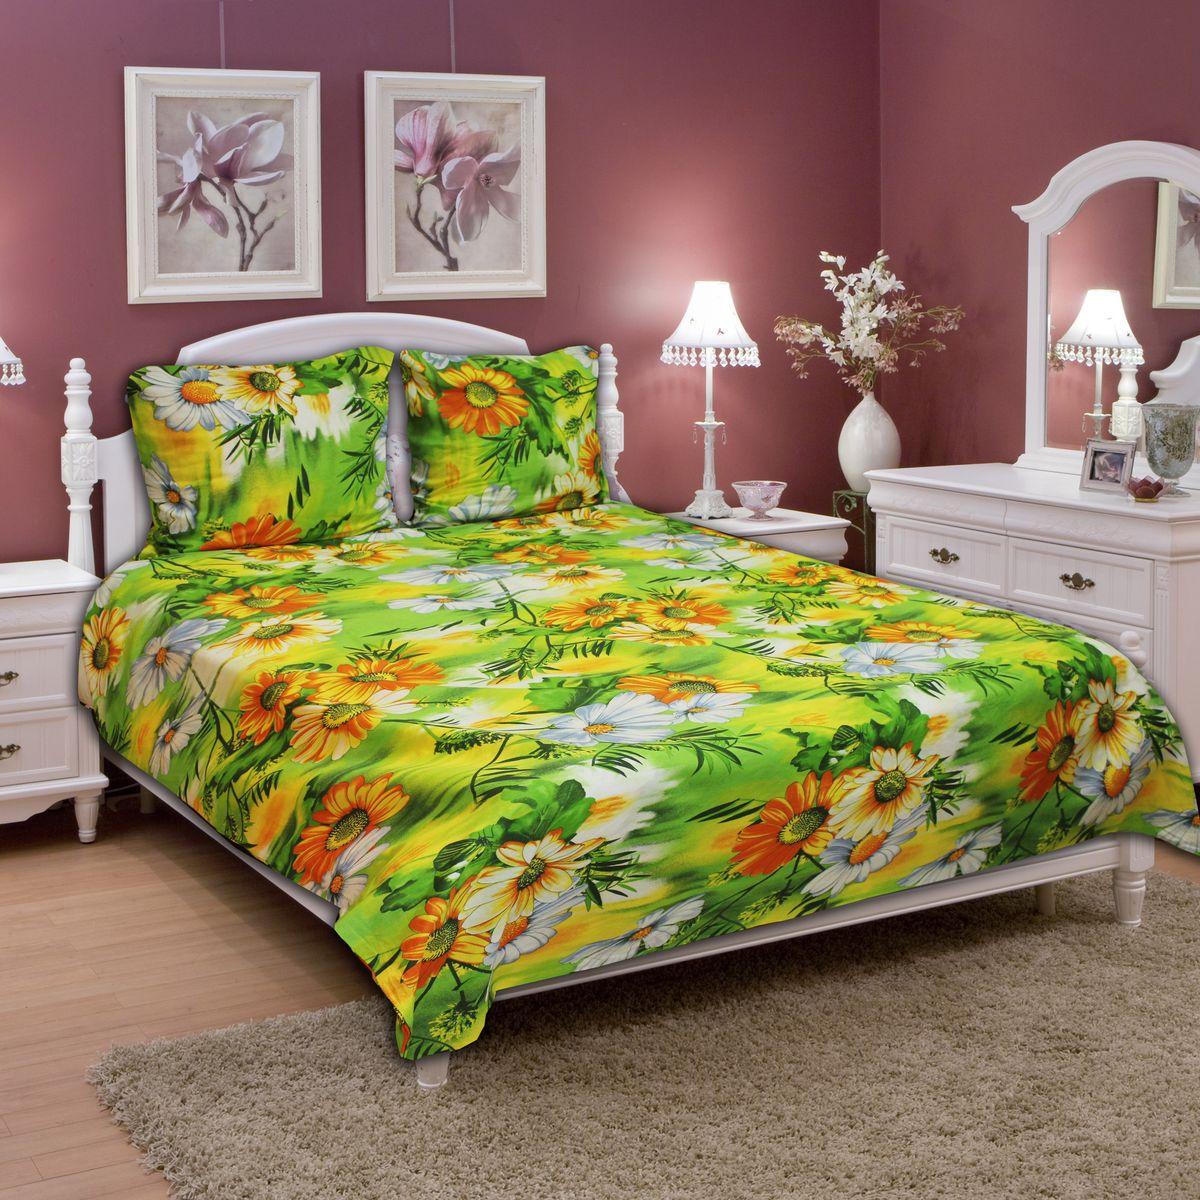 Комплект белья Amore Mio Meadow, 2-спальный, наволочки 70х70VT-1520(SR)Комплект постельного белья Amore Mio является экологически безопасным для всей семьи, так как выполнен из бязи (100% хлопок). Комплект состоит из двух пододеяльников, простыни и двух наволочек. Постельное белье оформлено оригинальным рисунком и имеет изысканный внешний вид.Легкая, плотная, мягкая ткань отлично стирается, гладится, быстро сохнет. Рекомендации по уходу: Химчистка и отбеливание запрещены.Рекомендуется стирка в прохладной воде при температуре не выше 30°С.